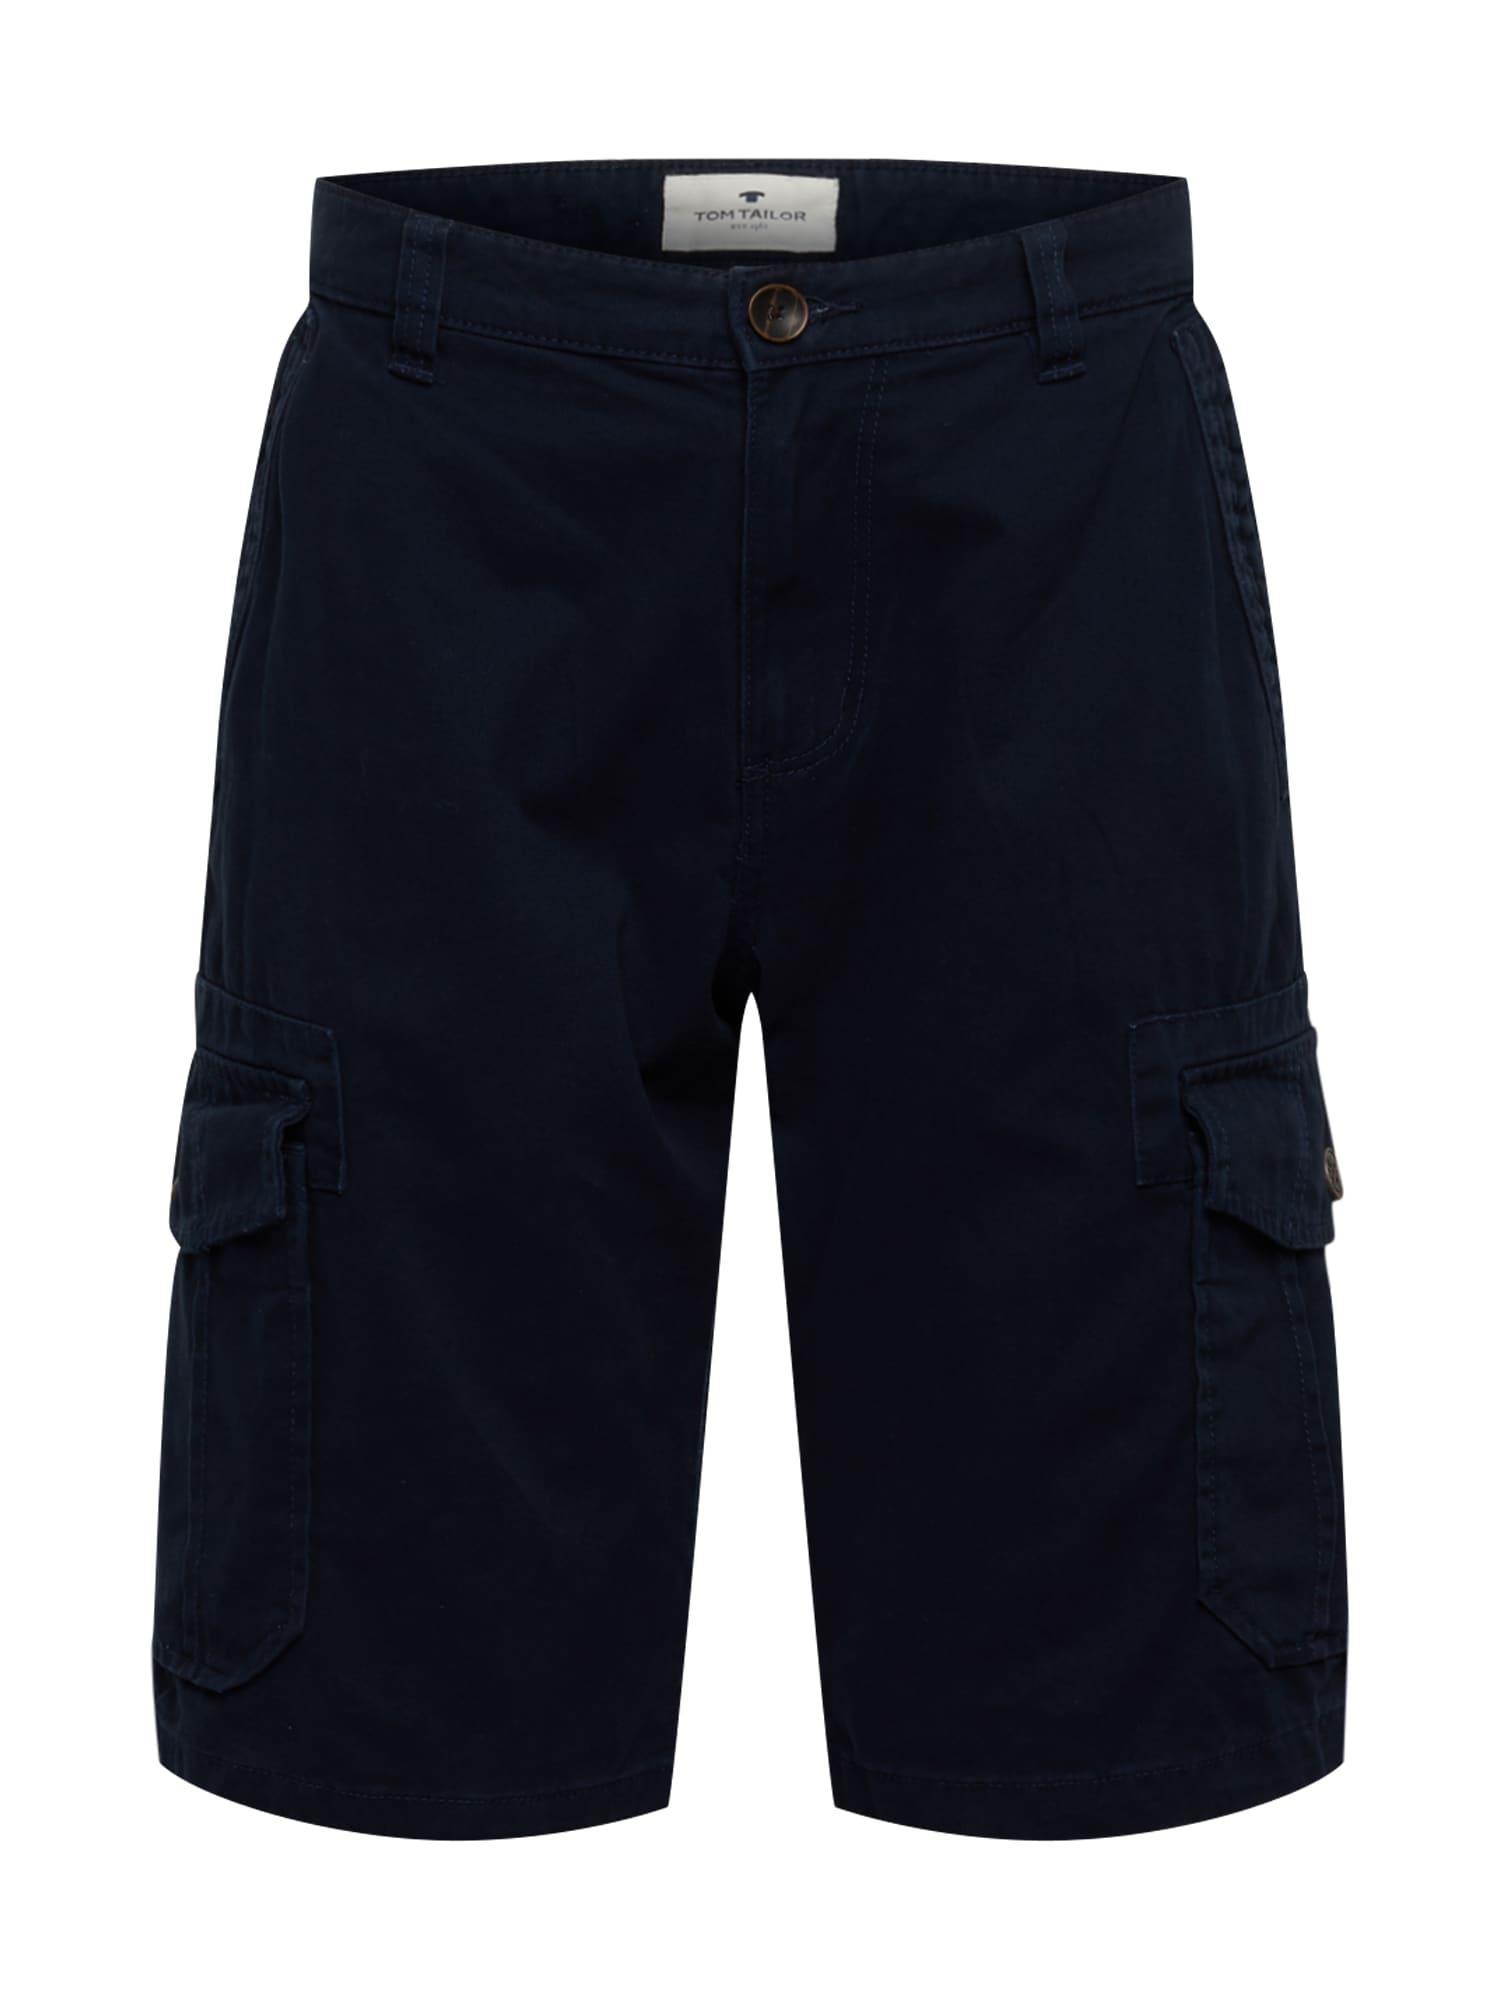 TOM TAILOR Laisvo stiliaus kelnės 'Morris' tamsiai mėlyna